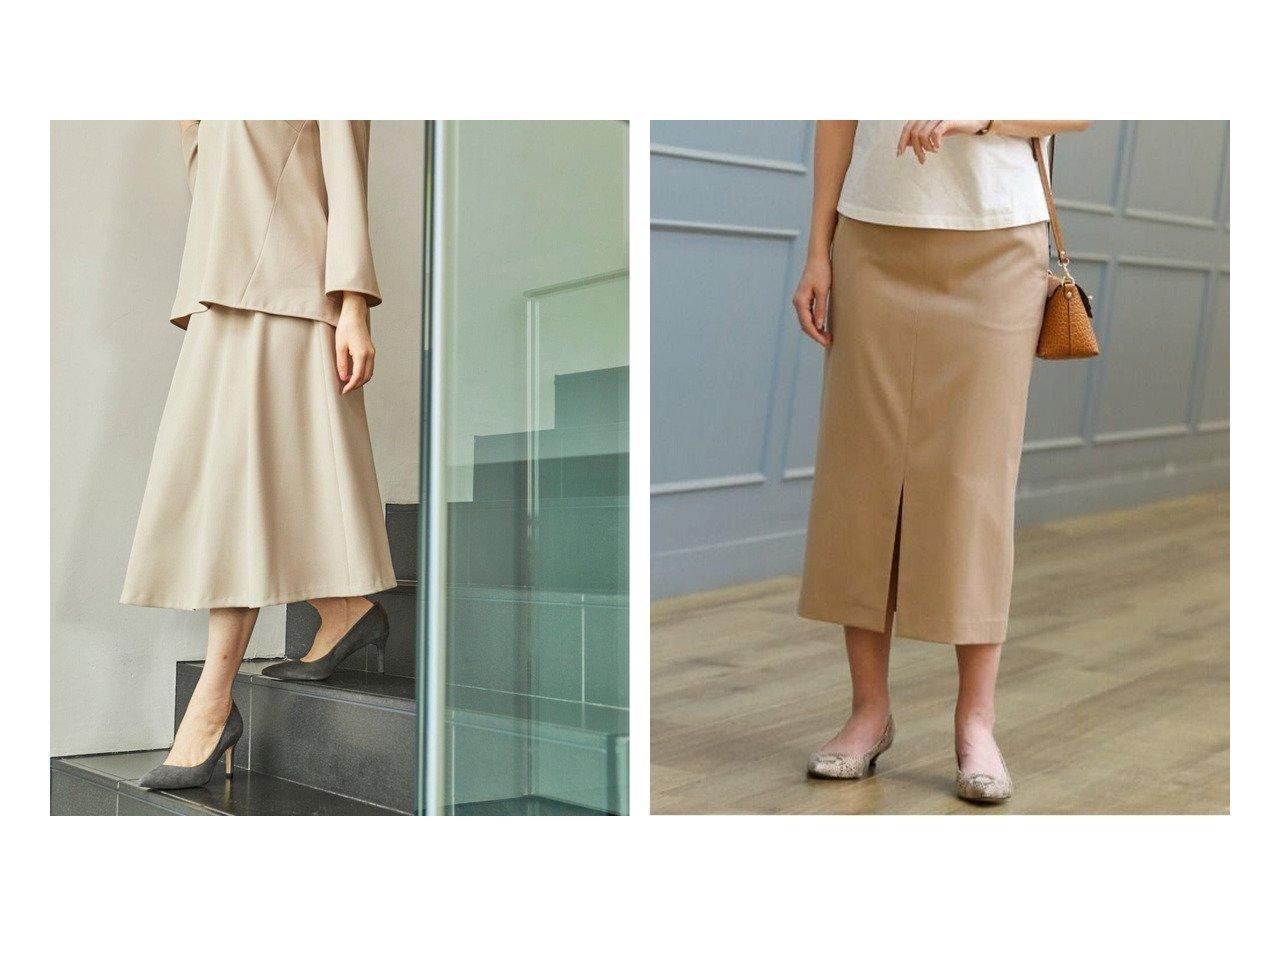 【KASHIYAMA EASY/カシヤマ イージー】のオックス 2wayストレッチ フレアスカート&Rツイルストレッチタイトスカート 【スカート】おすすめ!人気、トレンド・レディースファッションの通販   おすすめで人気の流行・トレンド、ファッションの通販商品 インテリア・家具・メンズファッション・キッズファッション・レディースファッション・服の通販 founy(ファニー) https://founy.com/ ファッション Fashion レディースファッション WOMEN スカート Skirt Aライン/フレアスカート Flared A-Line Skirts シンプル ジャケット スリット スーツ セットアップ タイトスカート トレンド フェミニン フロント ベーシック ボトム ポケット おすすめ Recommend オックス 春 Spring 吸水 軽量 ストレッチ フレア リラックス S/S・春夏 SS・Spring/Summer 夏 Summer |ID:crp329100000057113